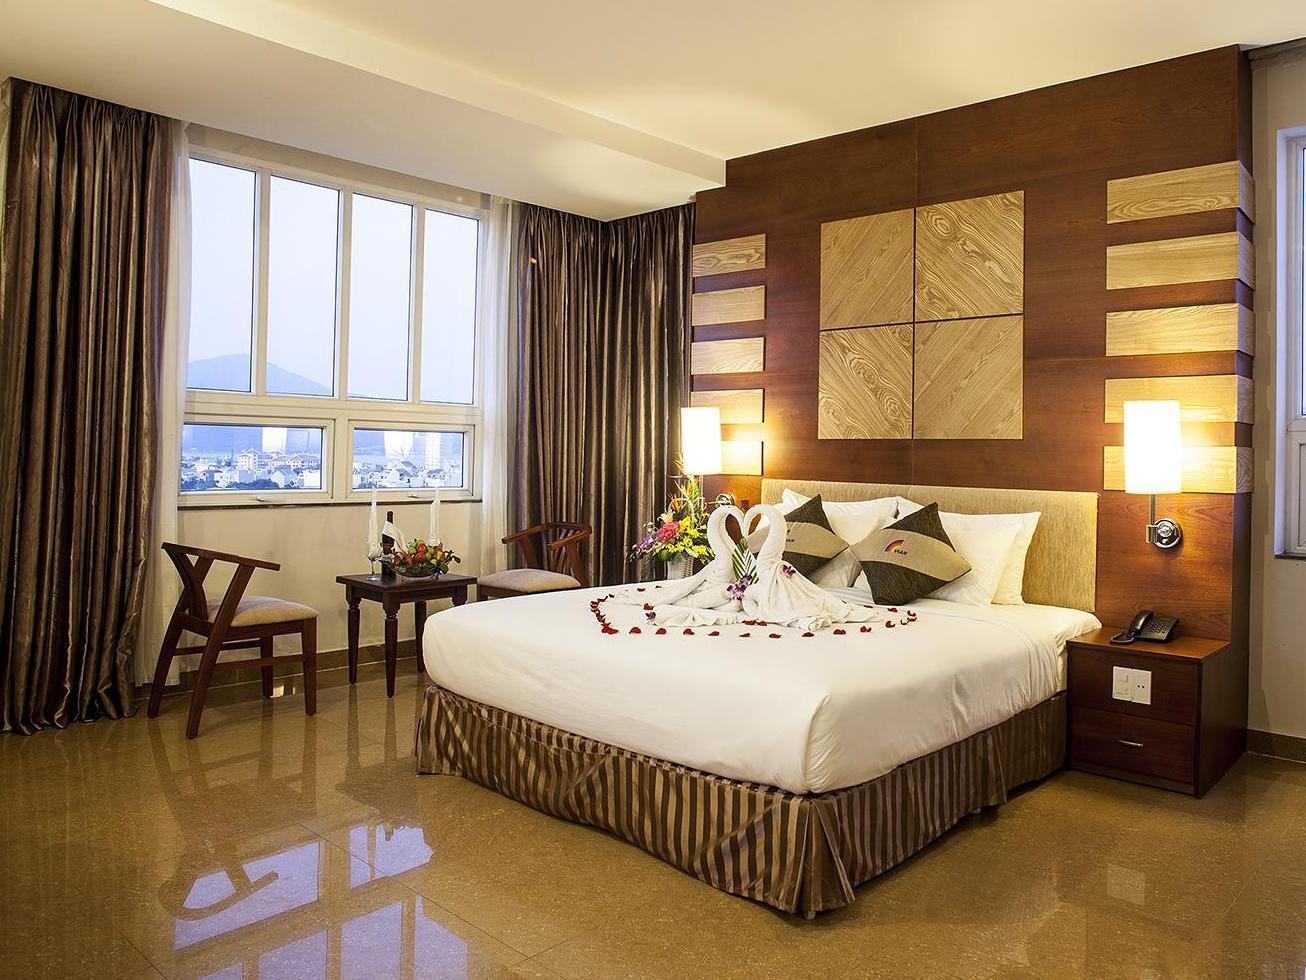 Vian Hotel Danang - Hotell och Boende i Vietnam , Da Nang